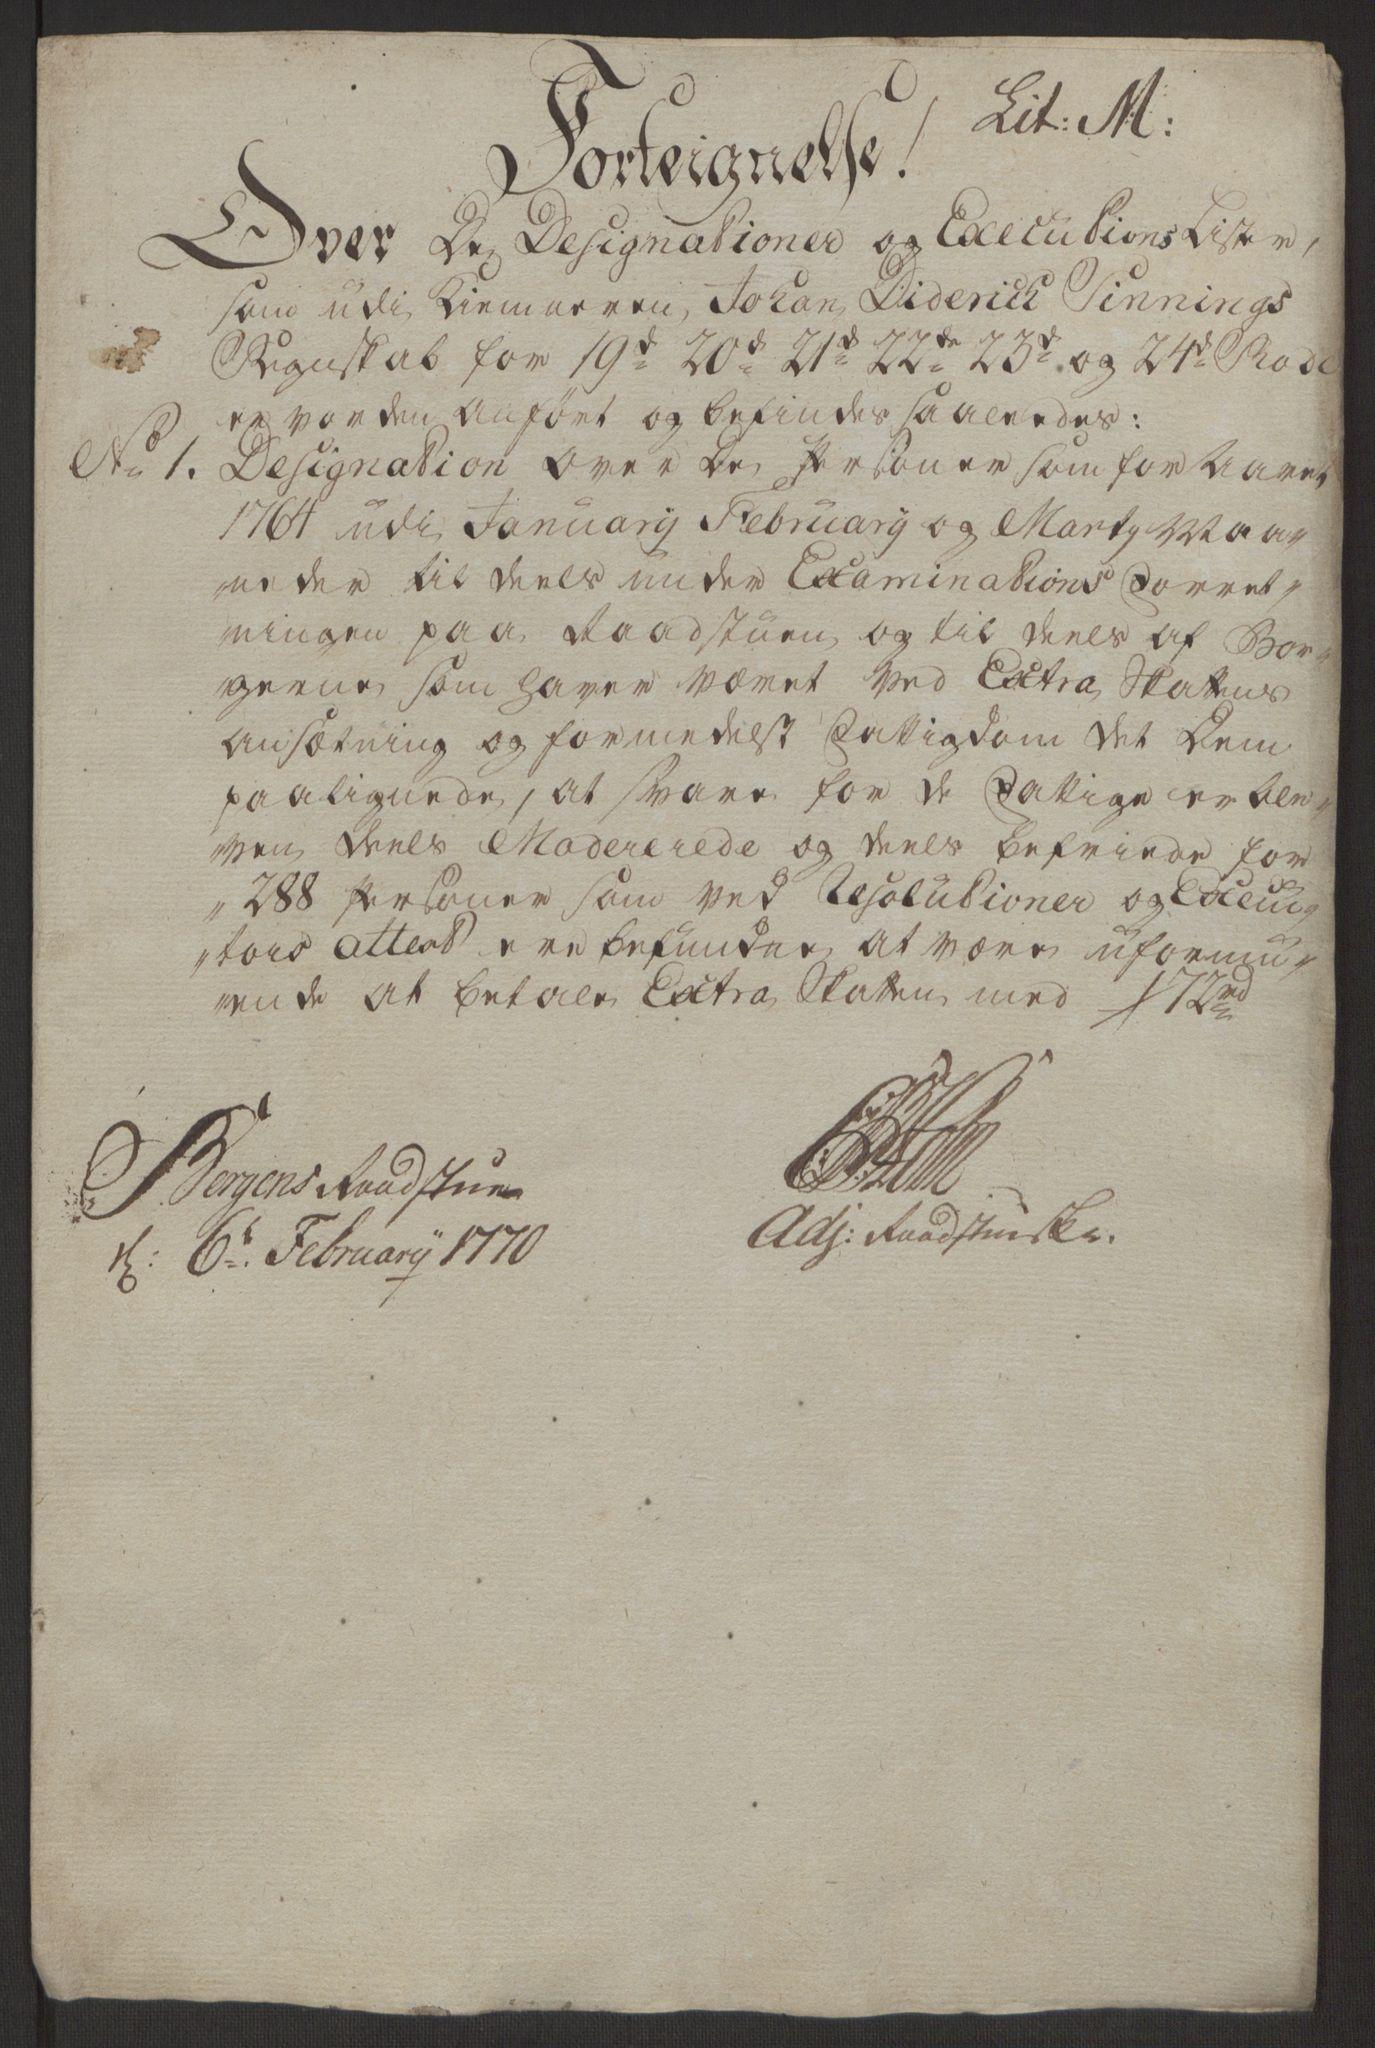 RA, Rentekammeret inntil 1814, Reviderte regnskaper, Byregnskaper, R/Rp/L0368: [P21] Kontribusjonsregnskap, 1764, s. 198